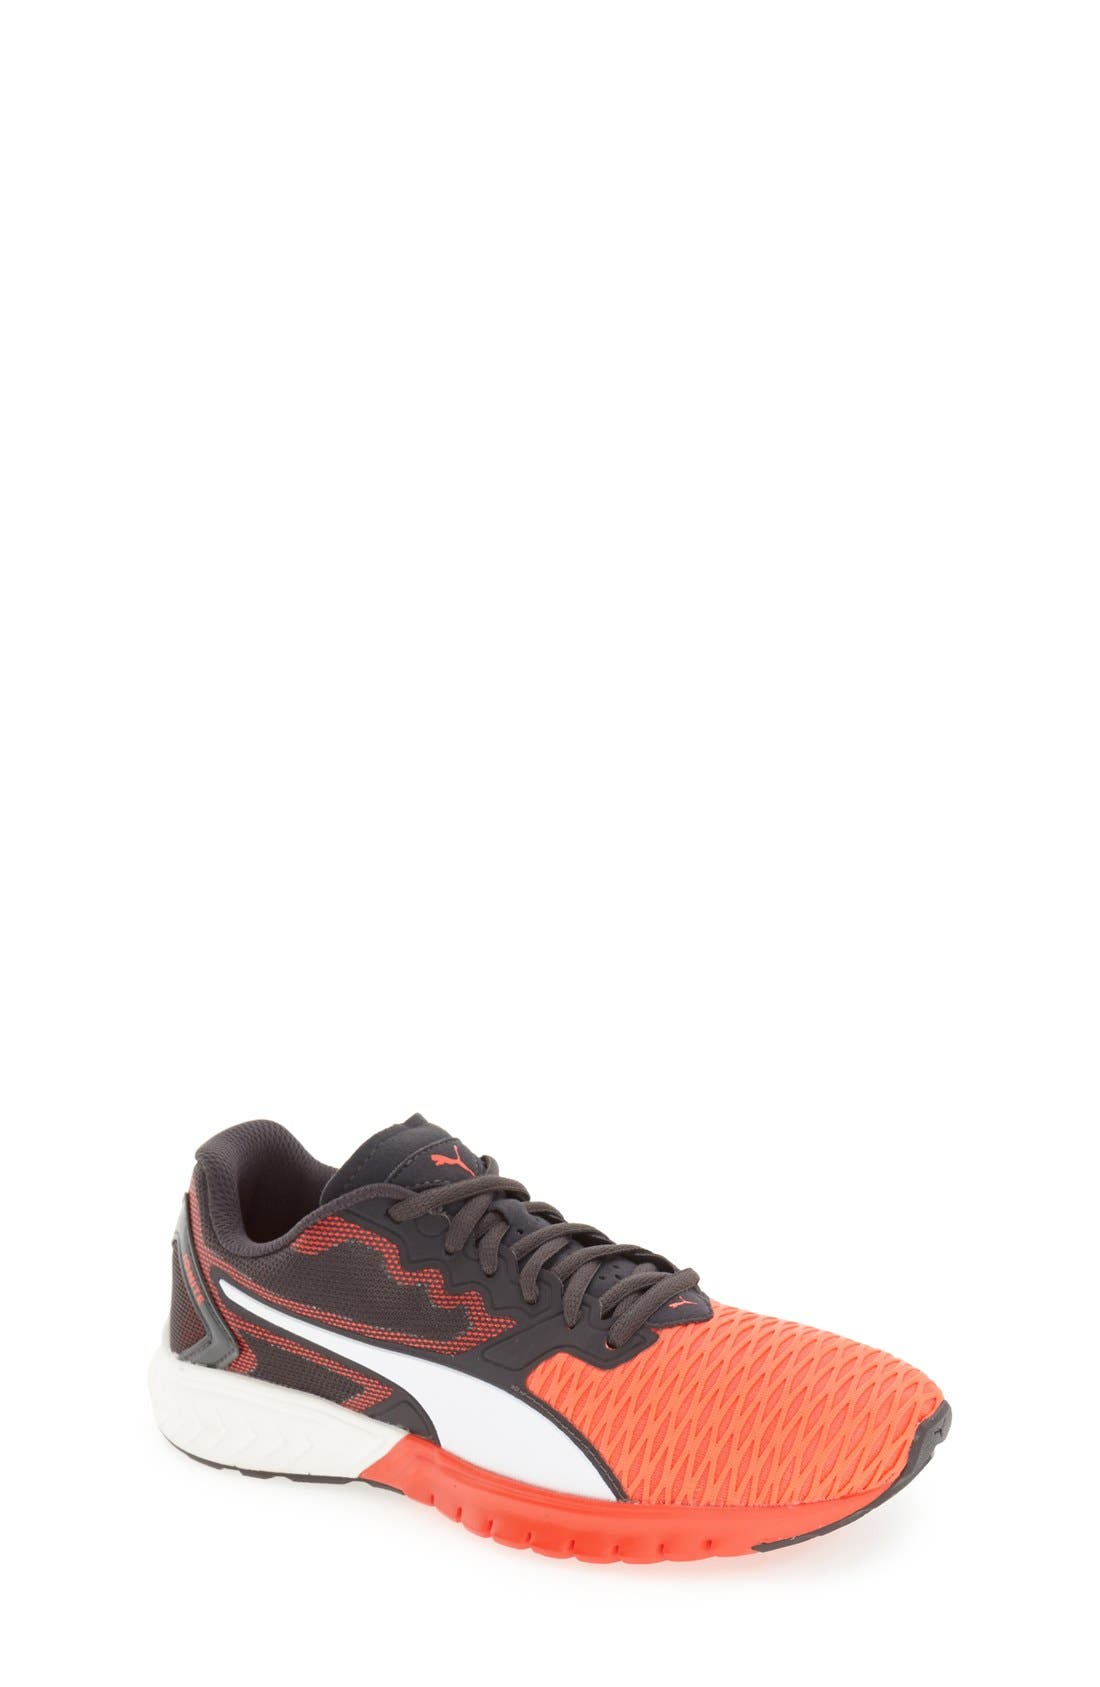 PUMA IGNITE Dual Sneaker